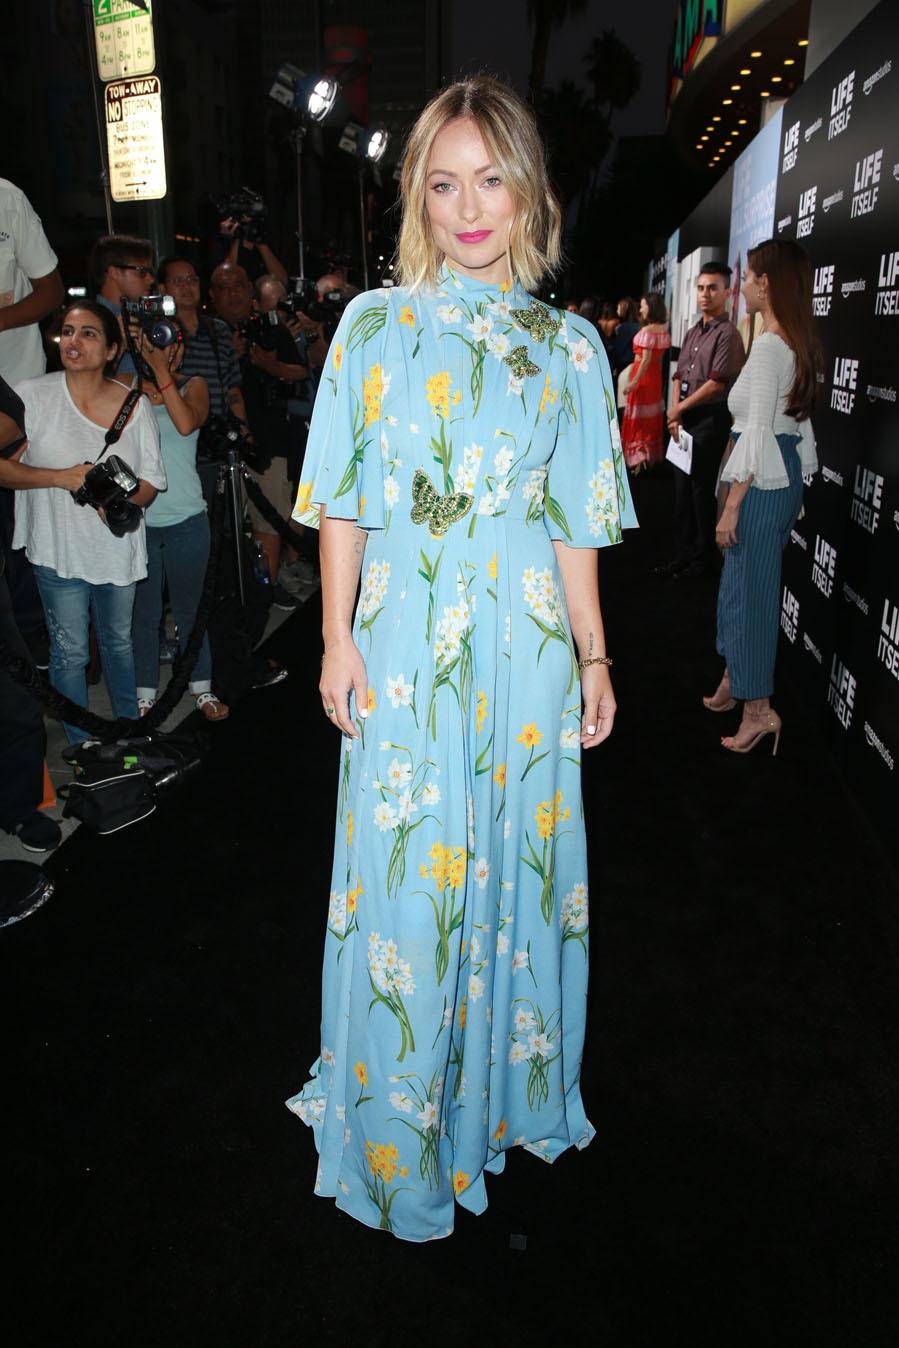 En el estreno de Life itself, la actriz eligió un vestido vaporoso...